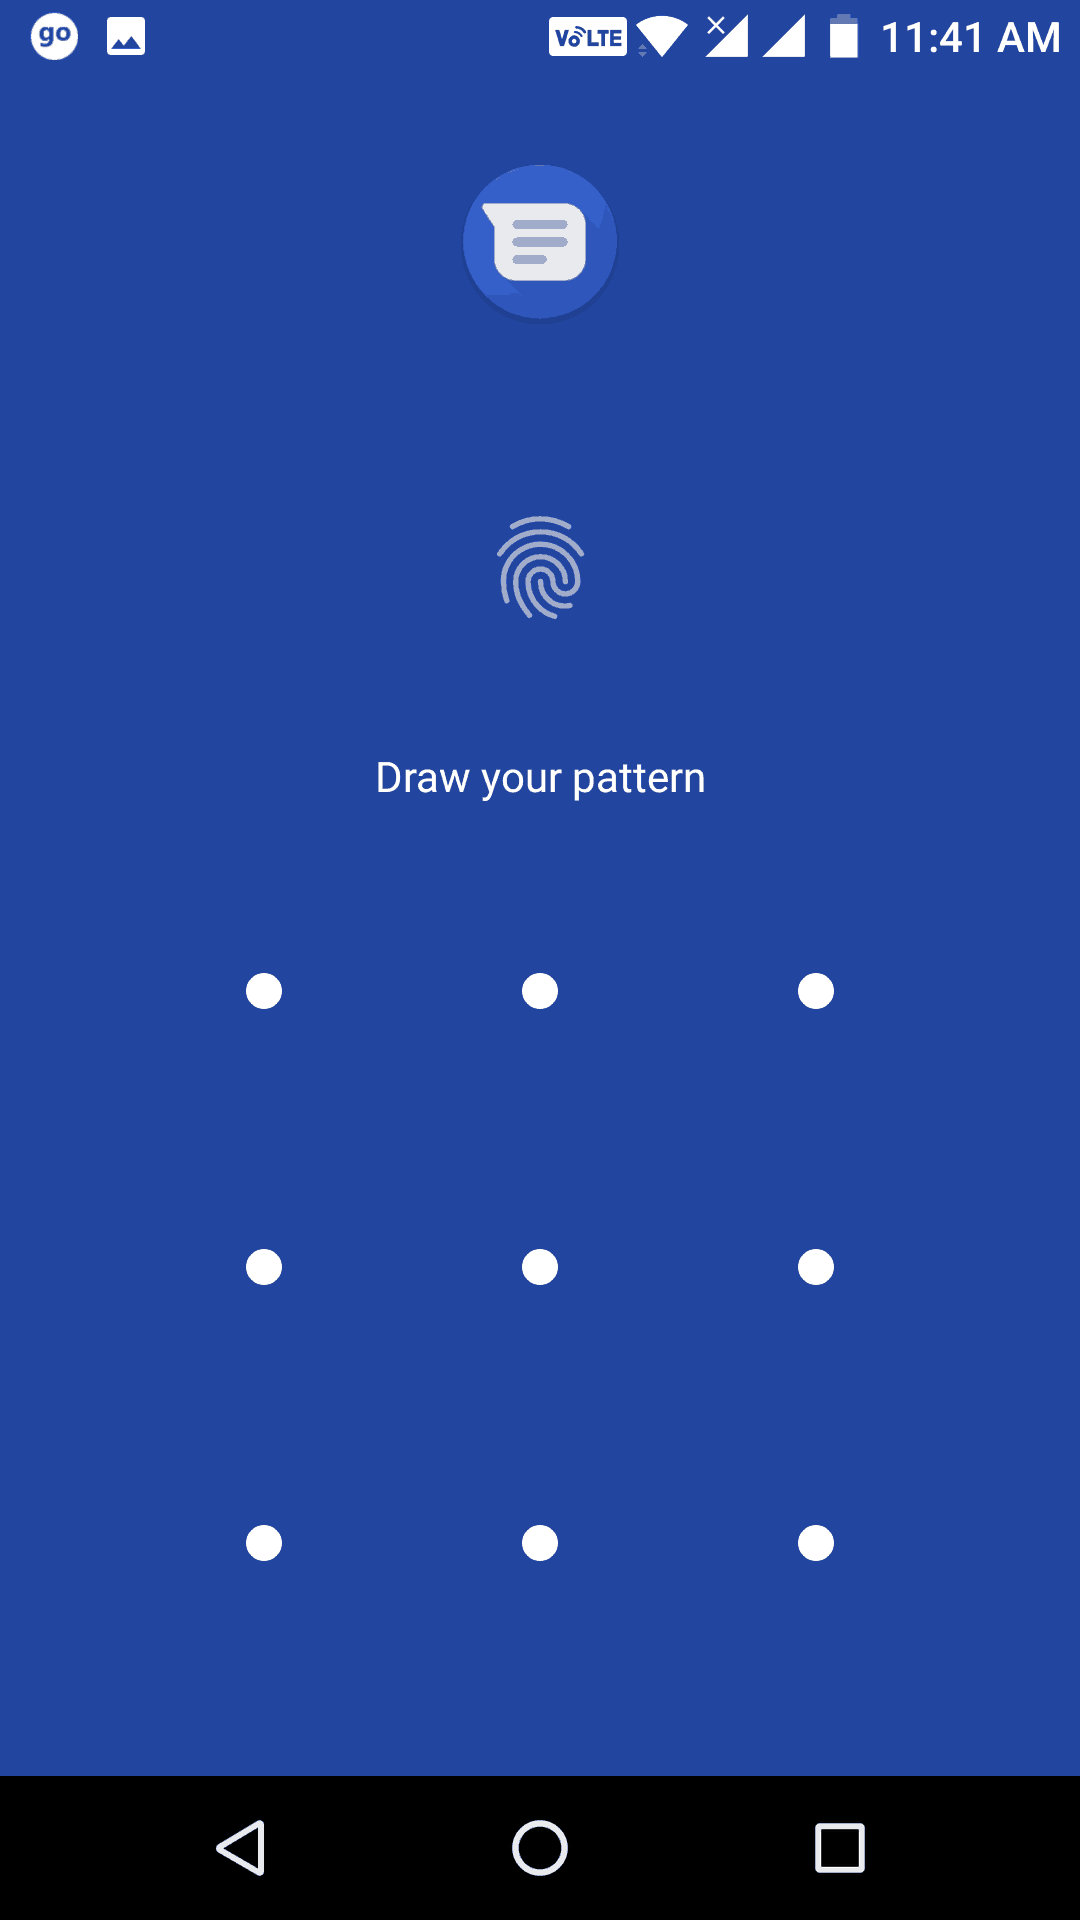 Unlock app LG G6